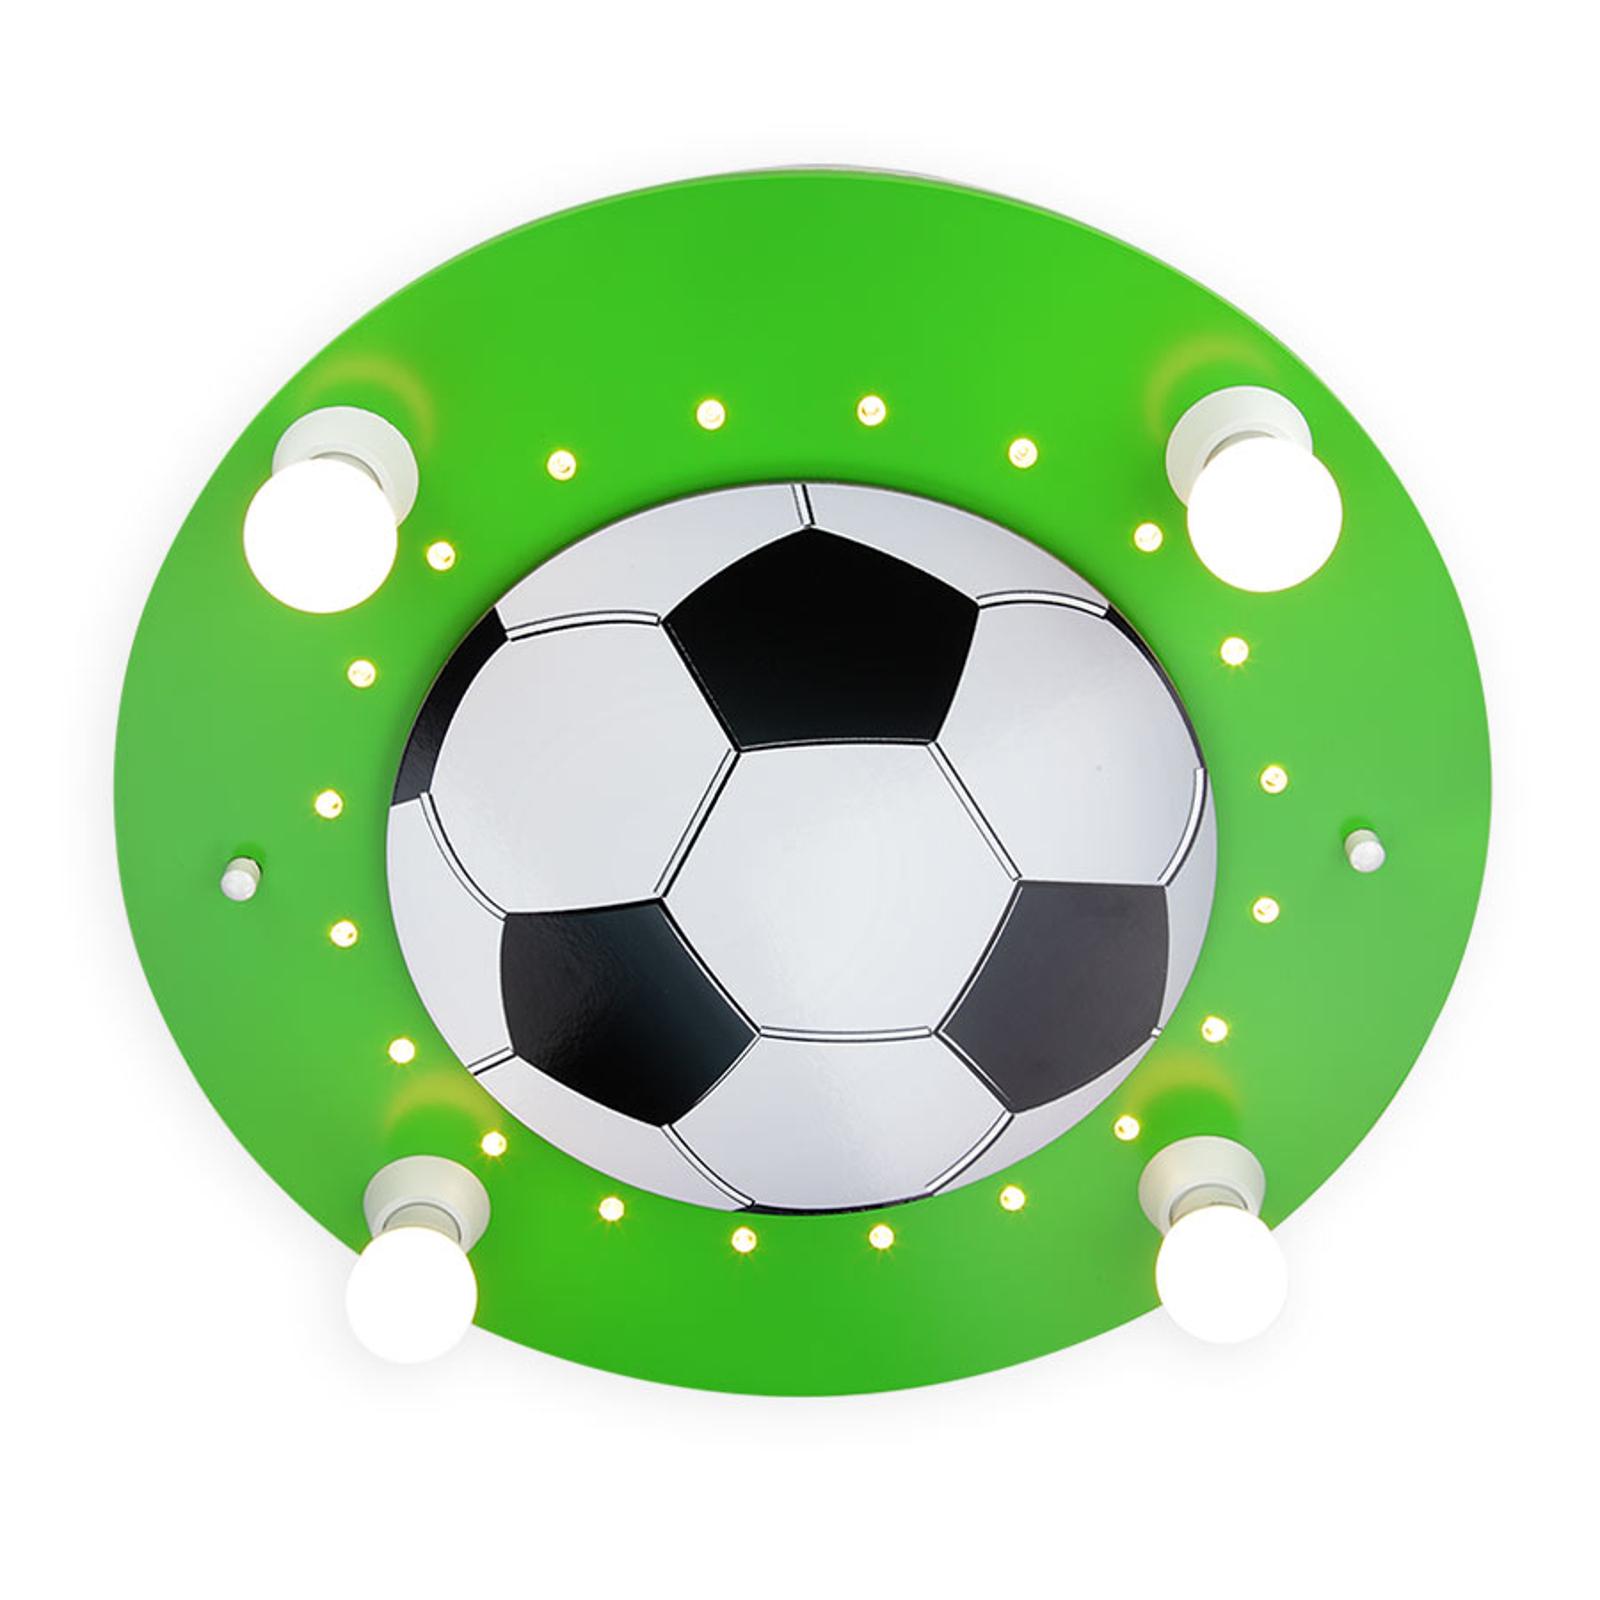 Fodbold loftlampe, 4 lyskilder, mørkegrøn-hvid